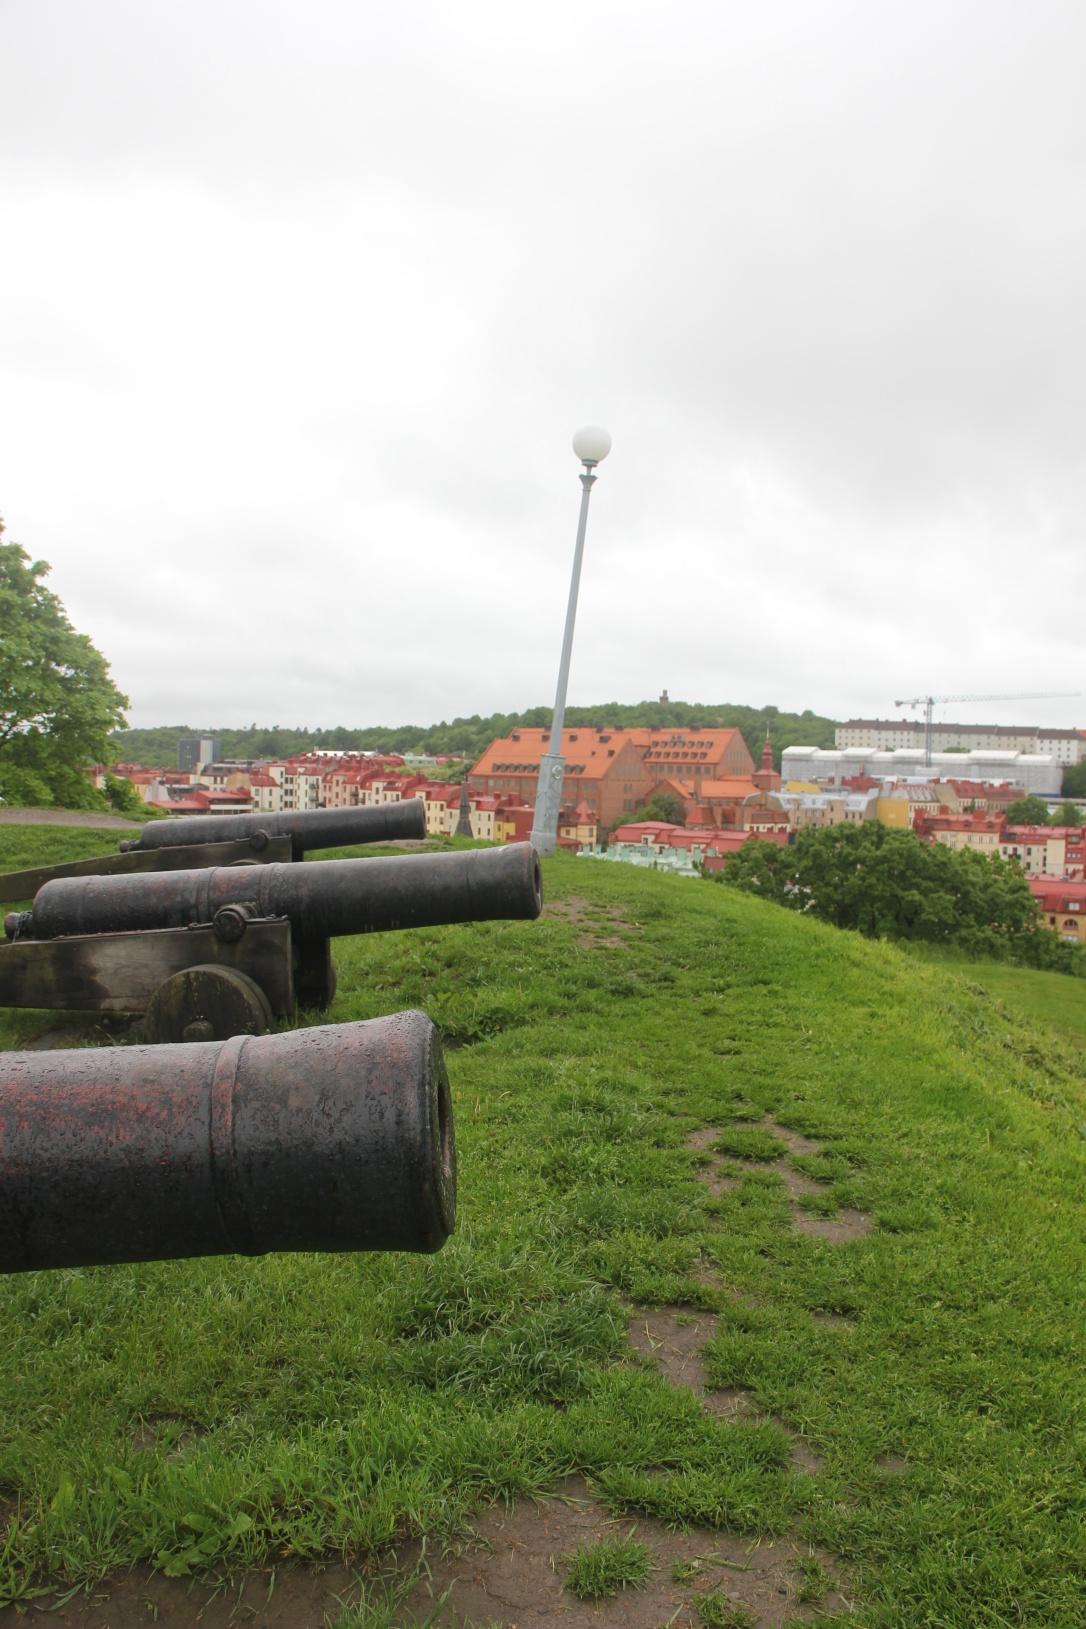 Cannons at Skansen Kronan